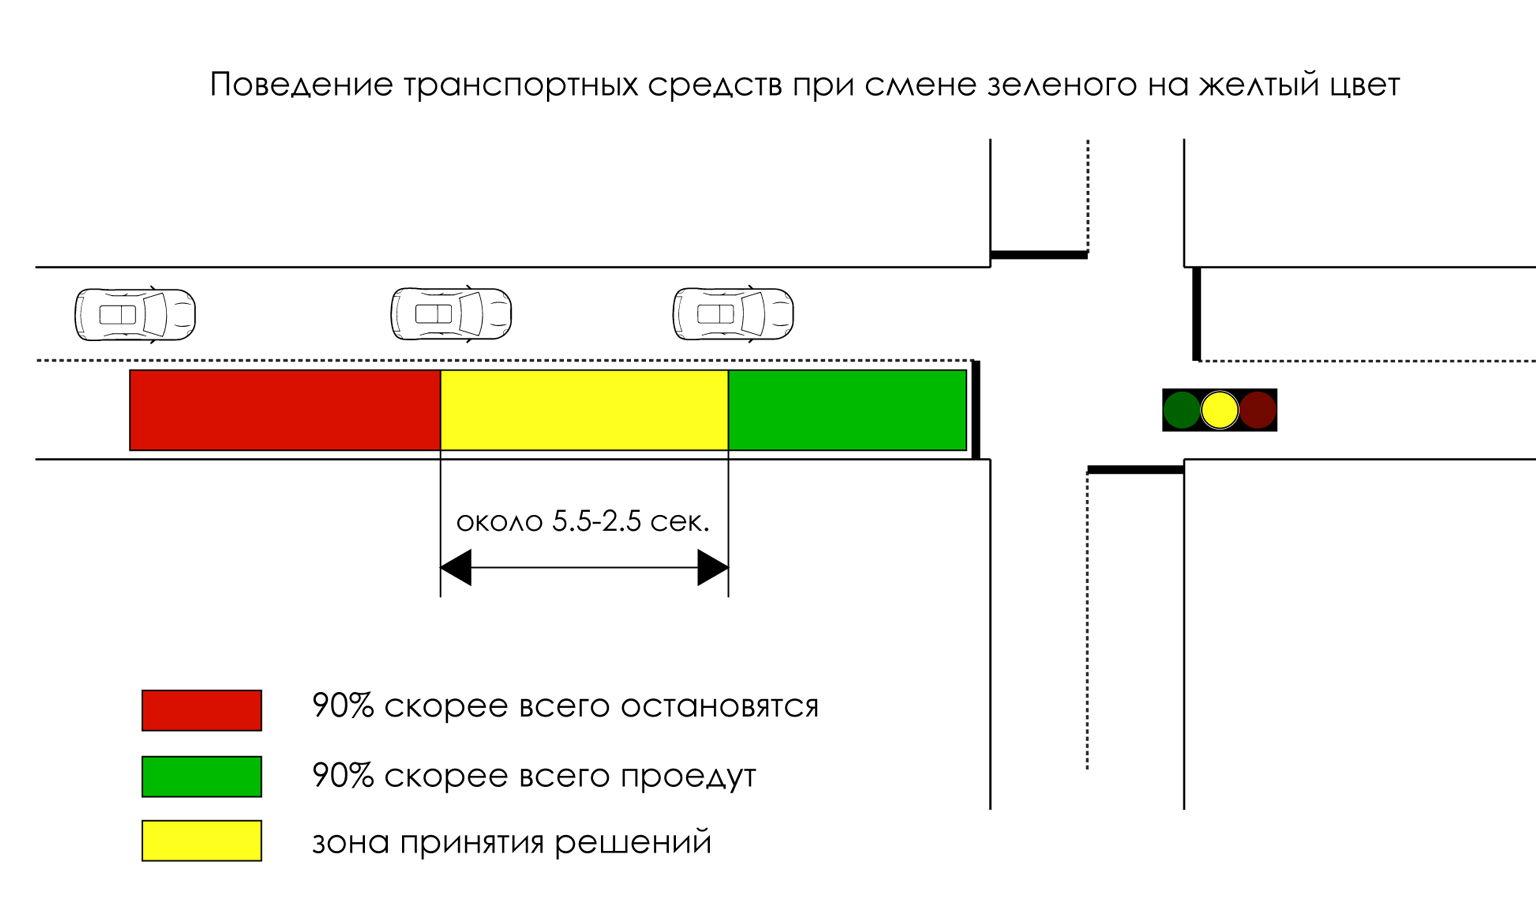 Поведение транспортных средств при смене фазы светофора